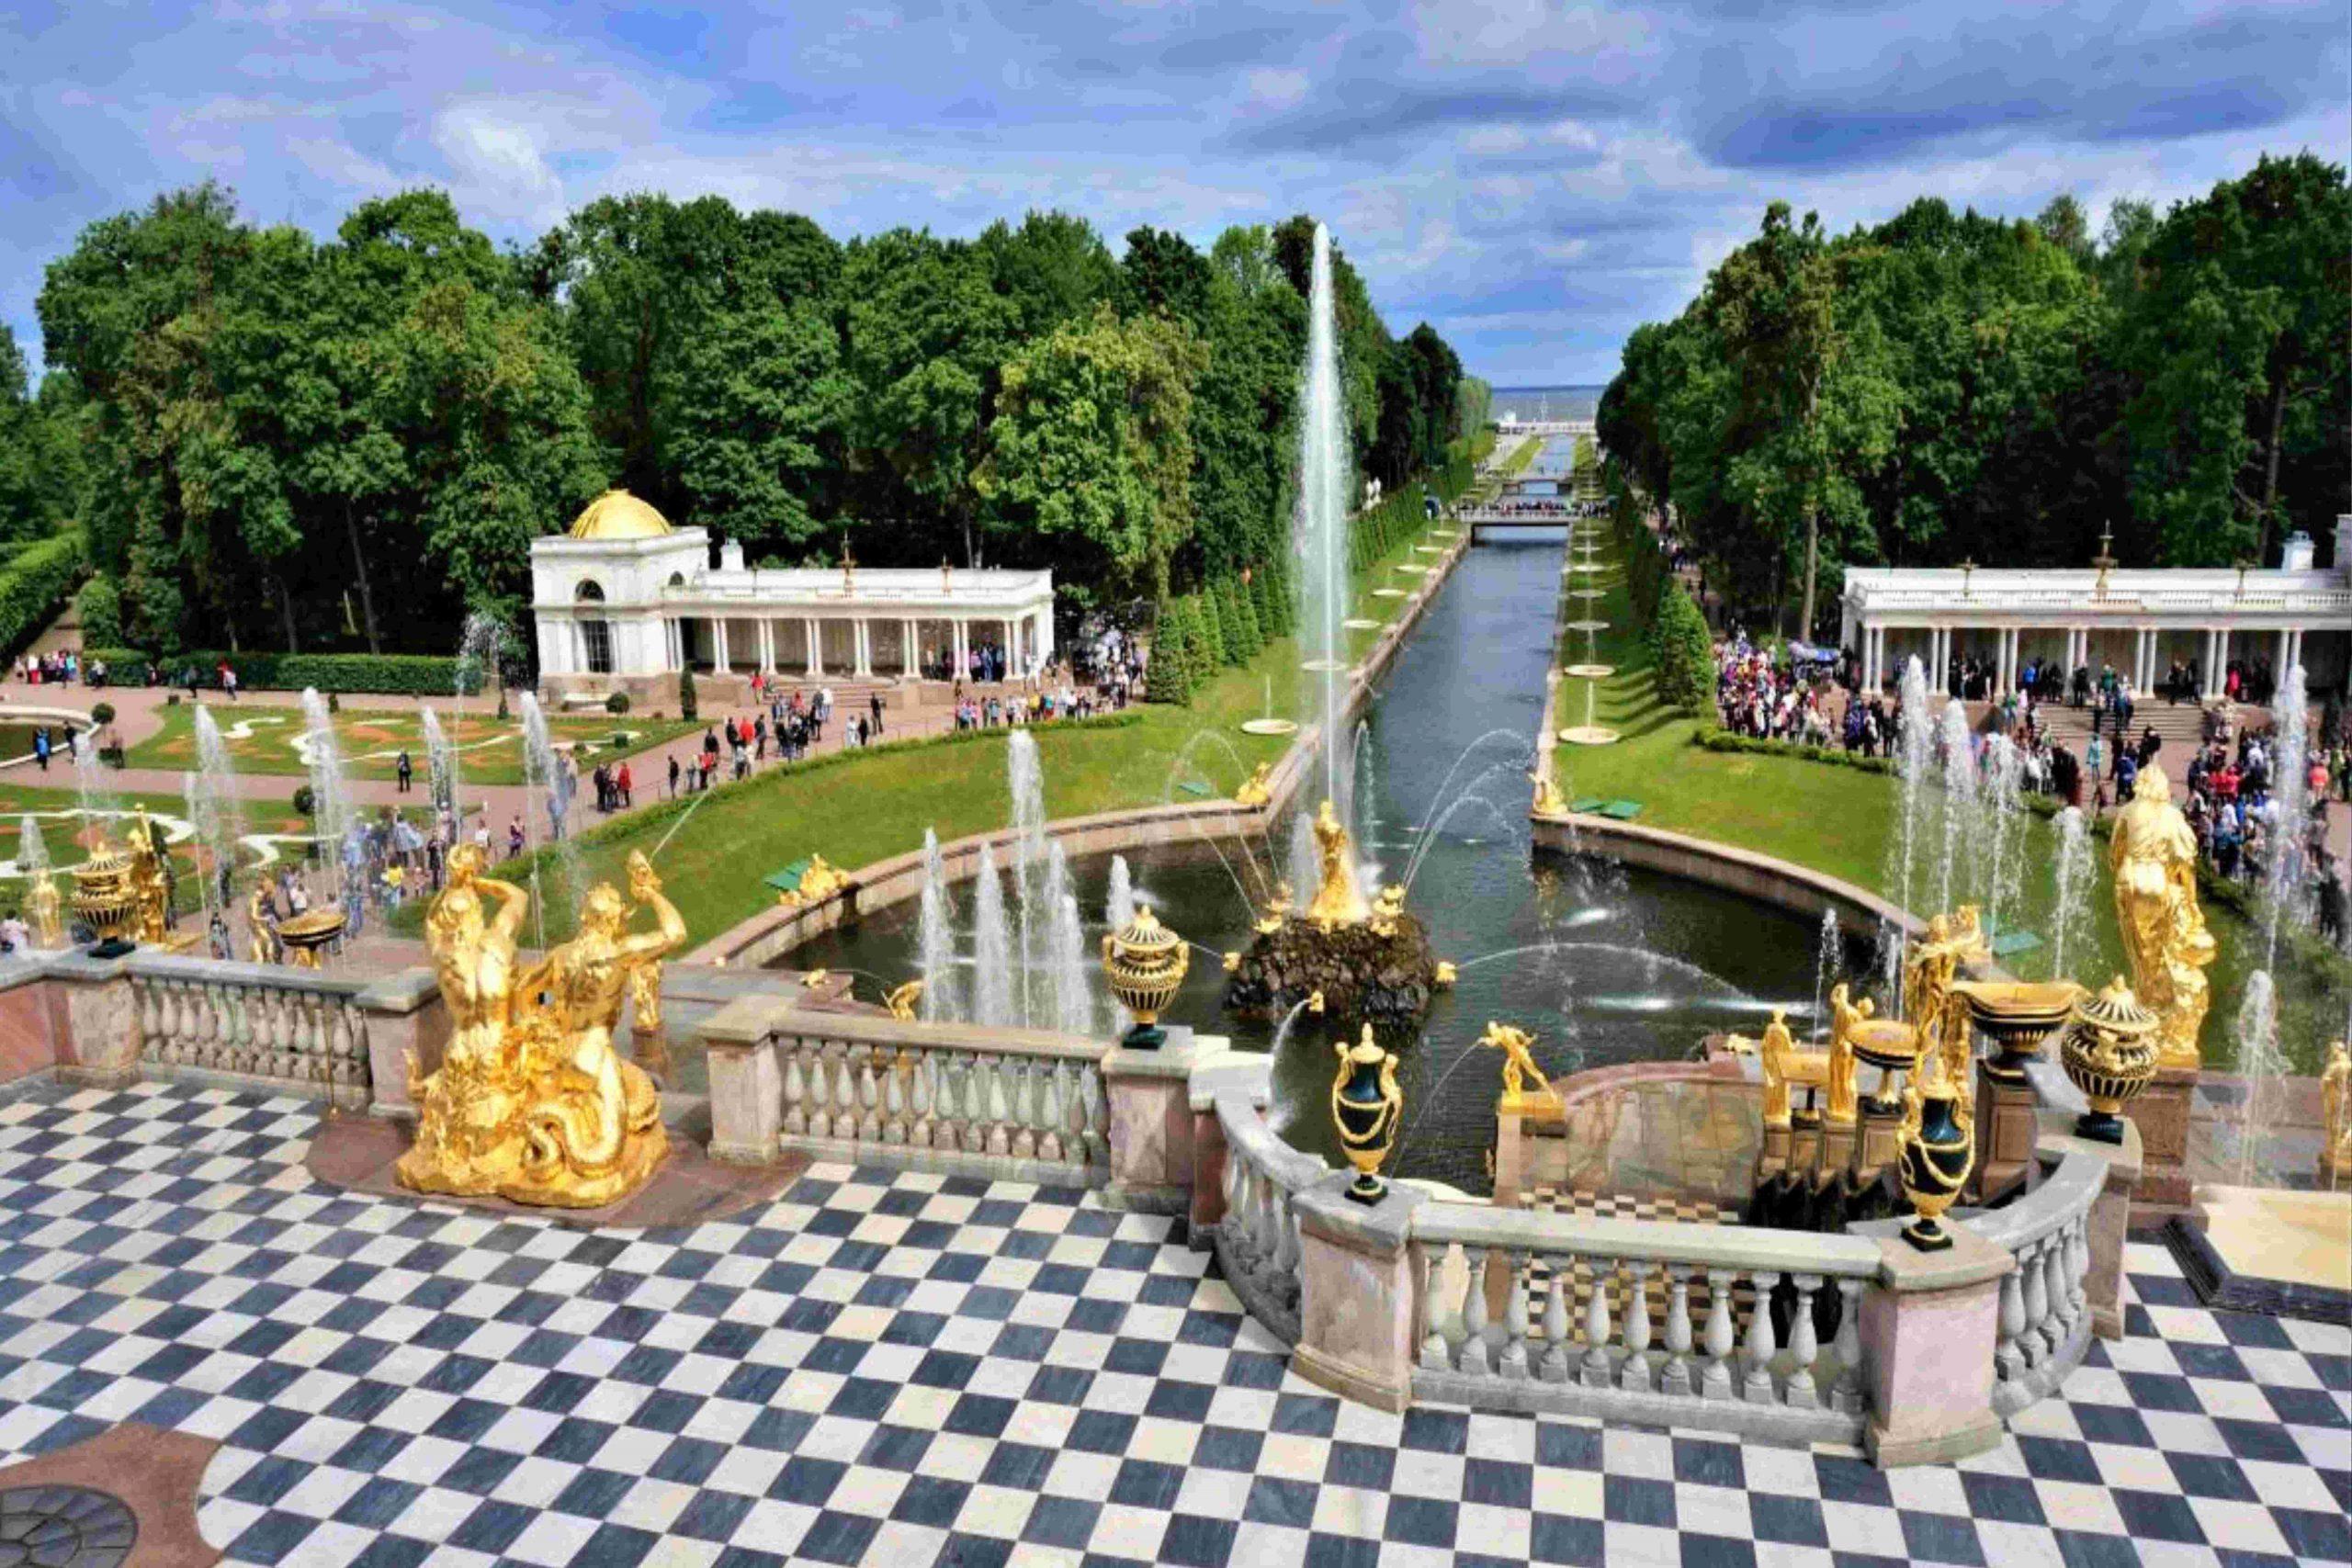 郵輪航線 - 聖比得夏宮及花園 (俄羅斯的凡爾賽宮)